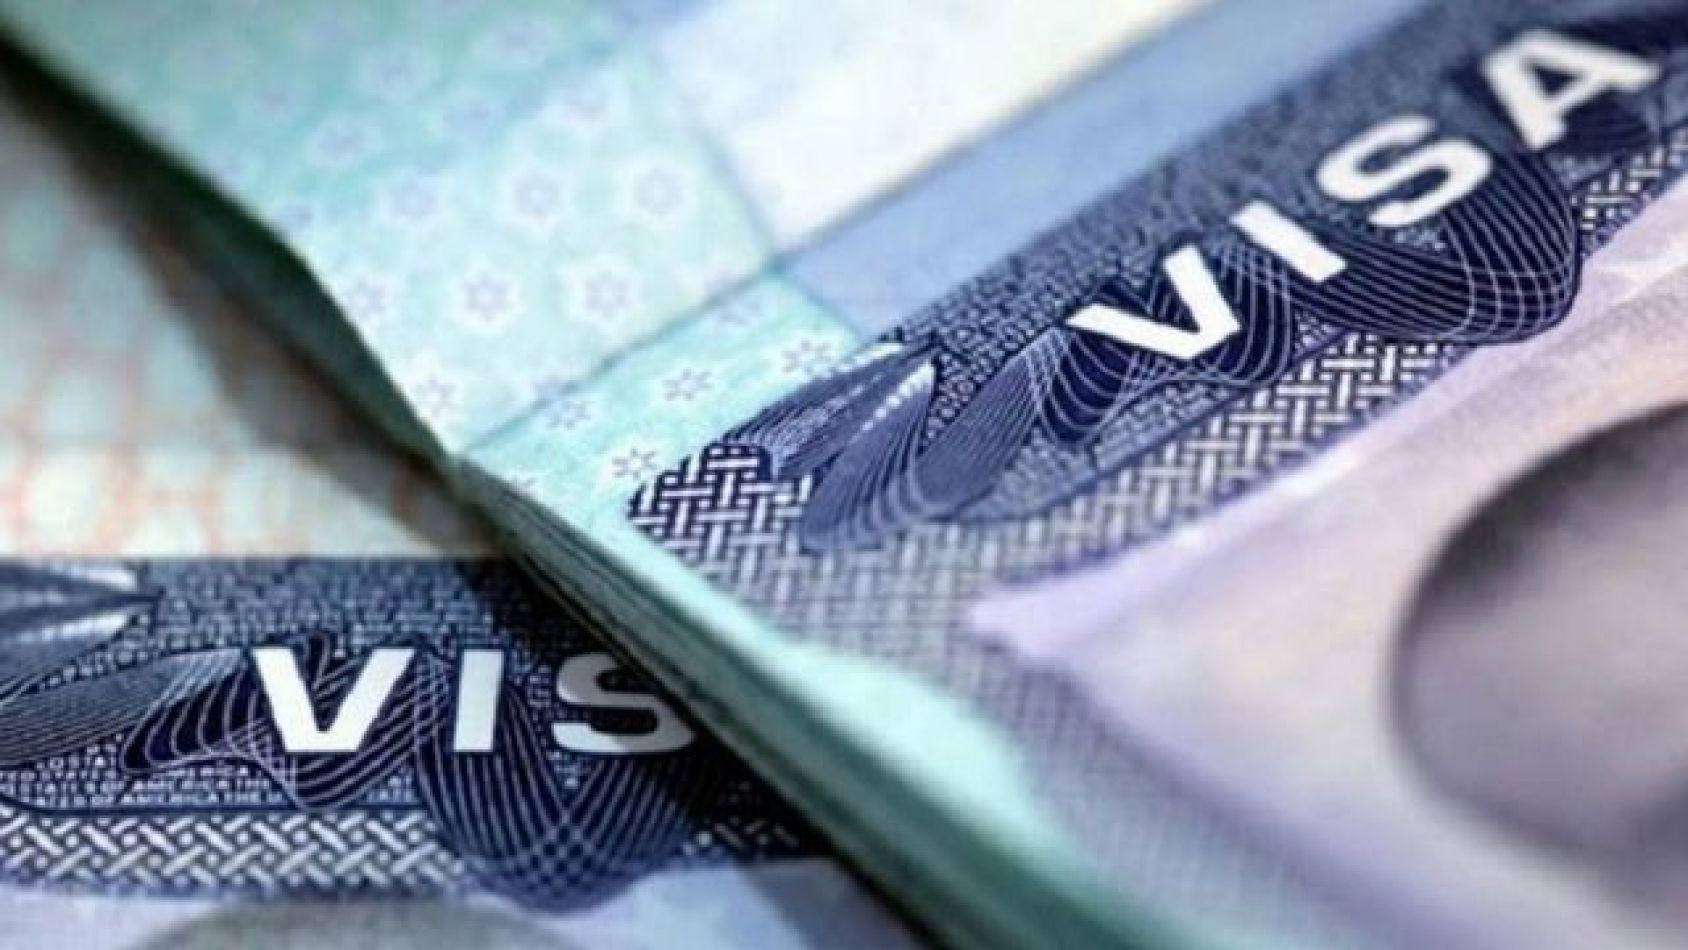 Nueva regla descalificaría a la mitad de los inmigrantes que solicitan visa en EE.UU.